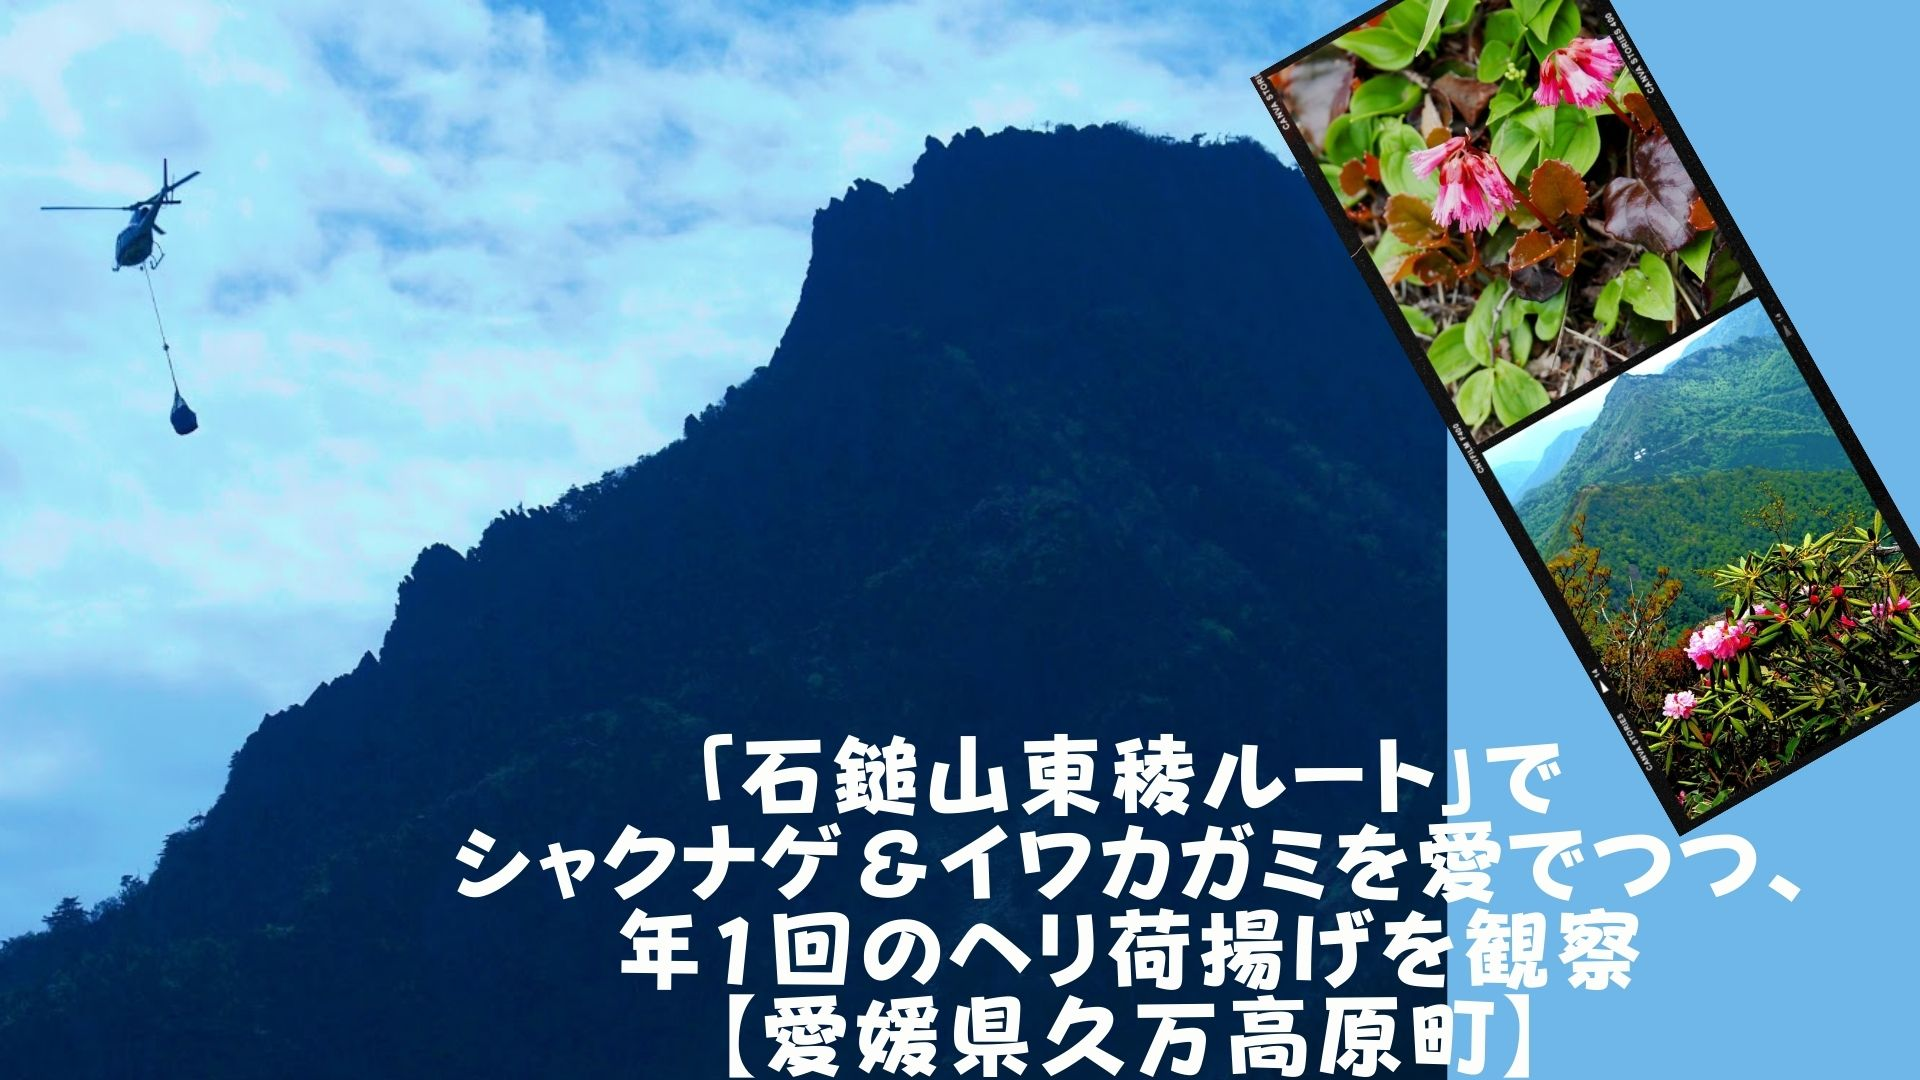 「石鎚山東稜ルート」でシャクナゲ&イワカガミを愛でつつ、年1回のヘリ荷揚げを観察【愛媛県久万高原町】